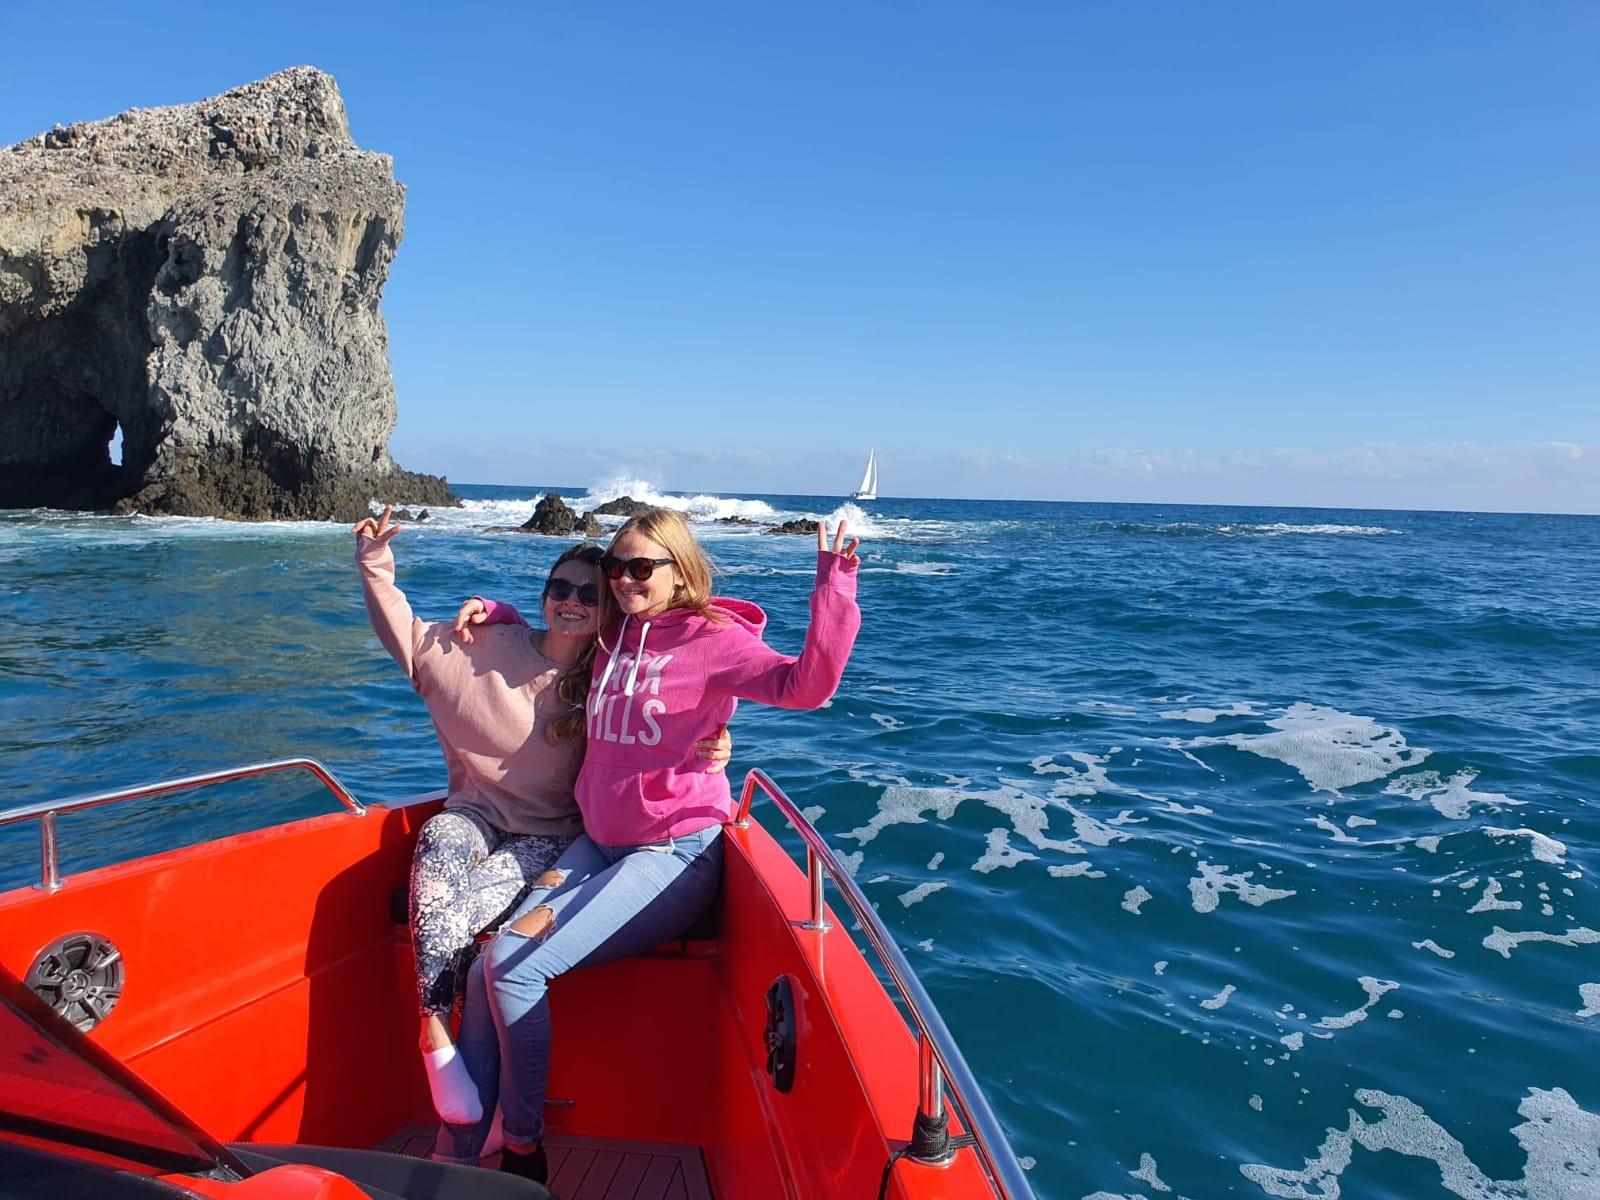 dos chicas en excursion en barco por los mares de Torrevieja